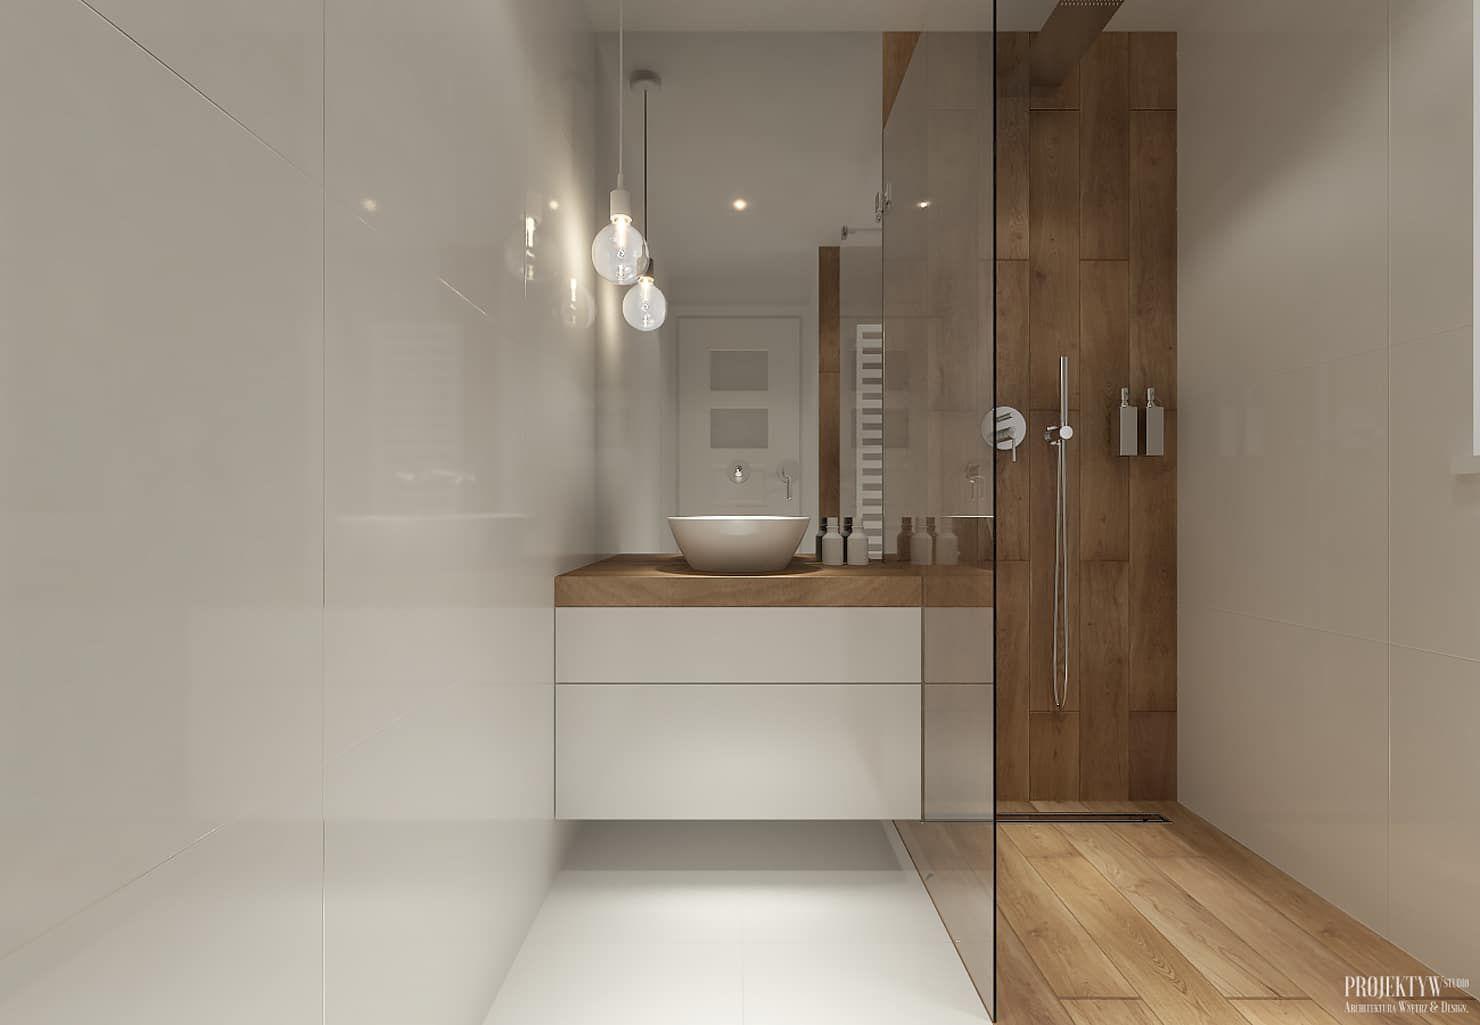 Skandinavische Badezimmer Von Projektyw Badezimmer Einrichtung Kleine Badezimmer Design Und Badezimmer Innenausstattung